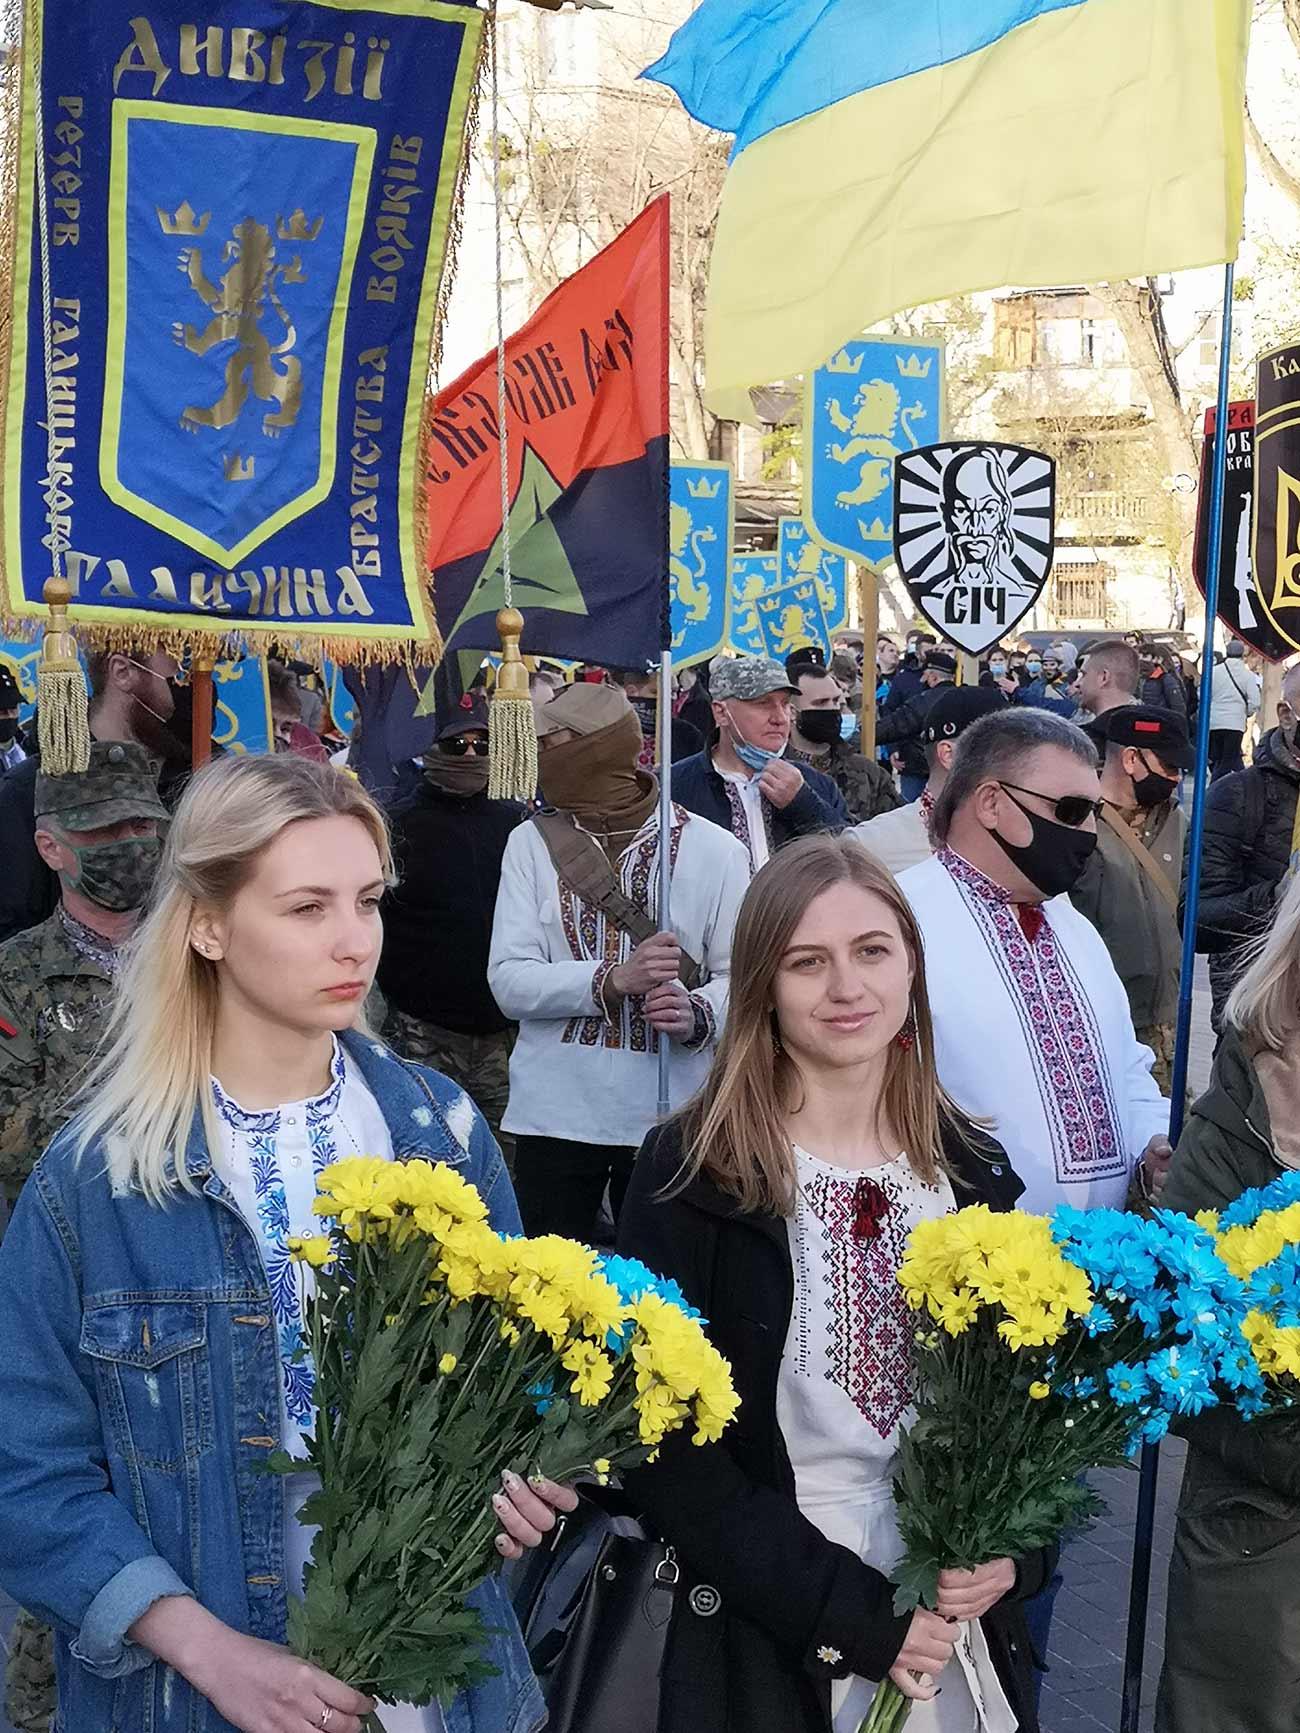 """marsh ss galichina 183125 - <b>Допоможіть знайти загублені літери.</b> Як в Києві пройшов марш на честь дивізії СС """"Галичина"""" - Заборона"""